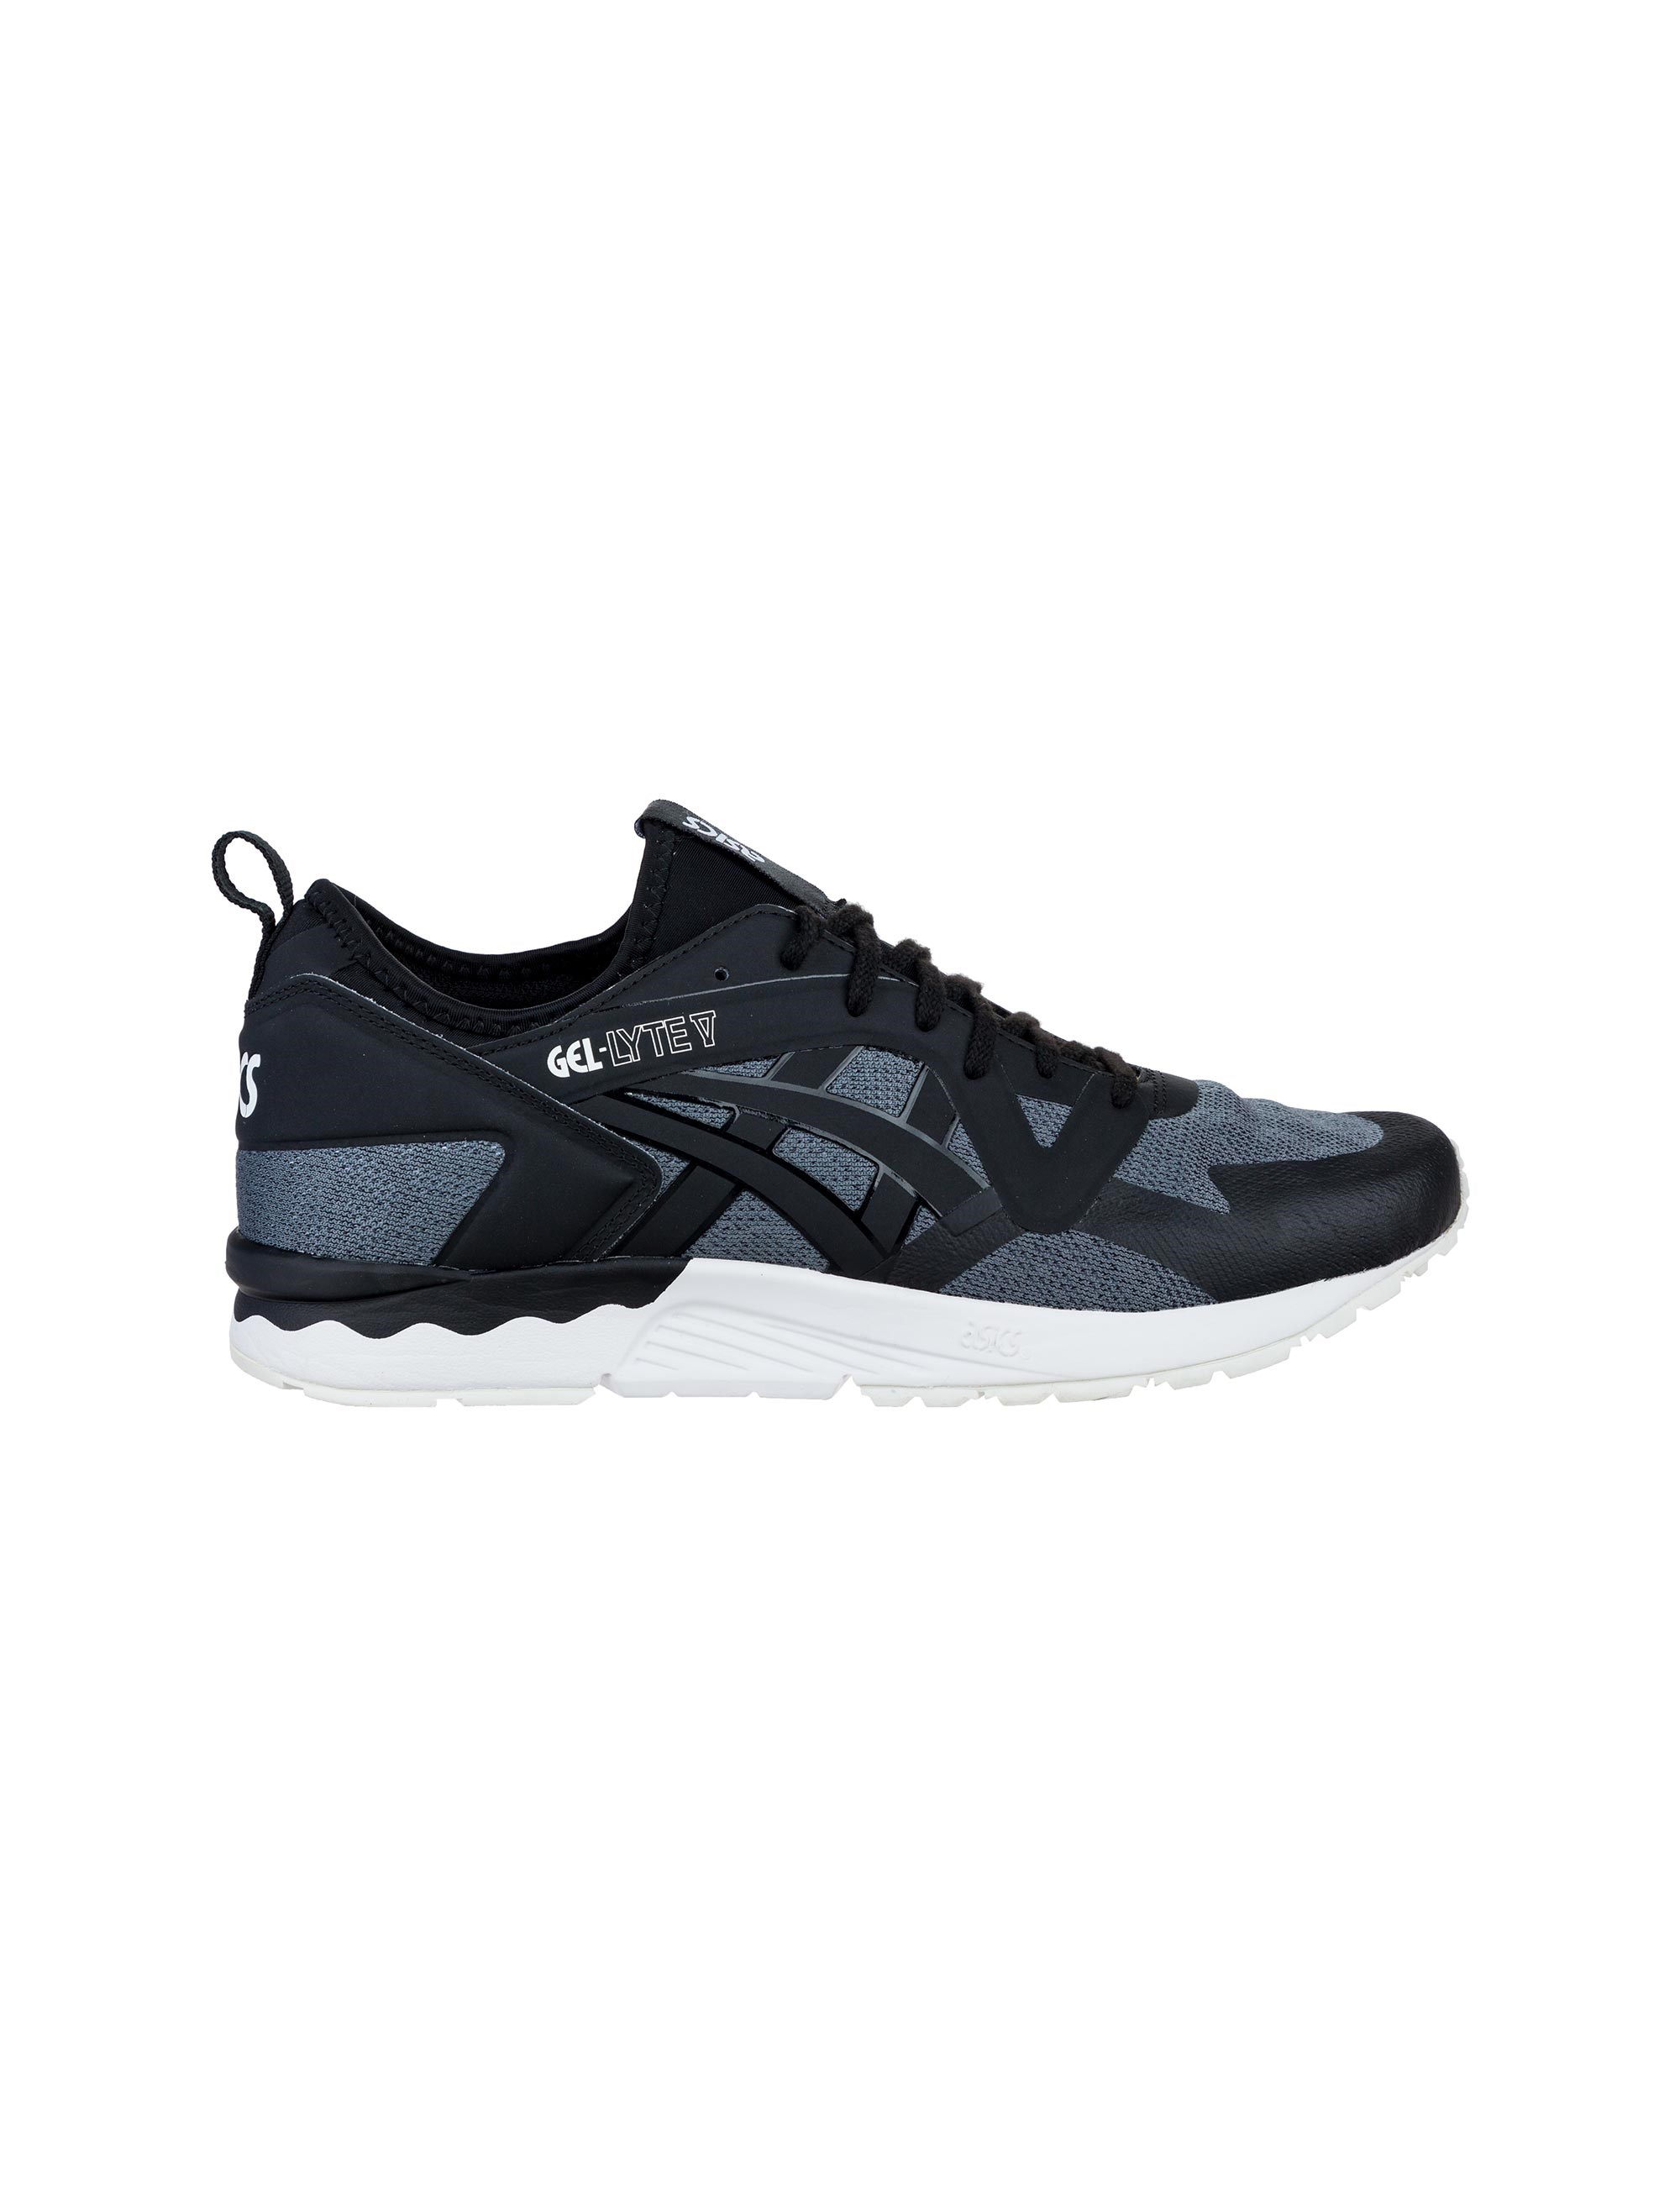 قیمت کفش تمرین بندی مردانه GEL-LYTE V NS - اسیکس